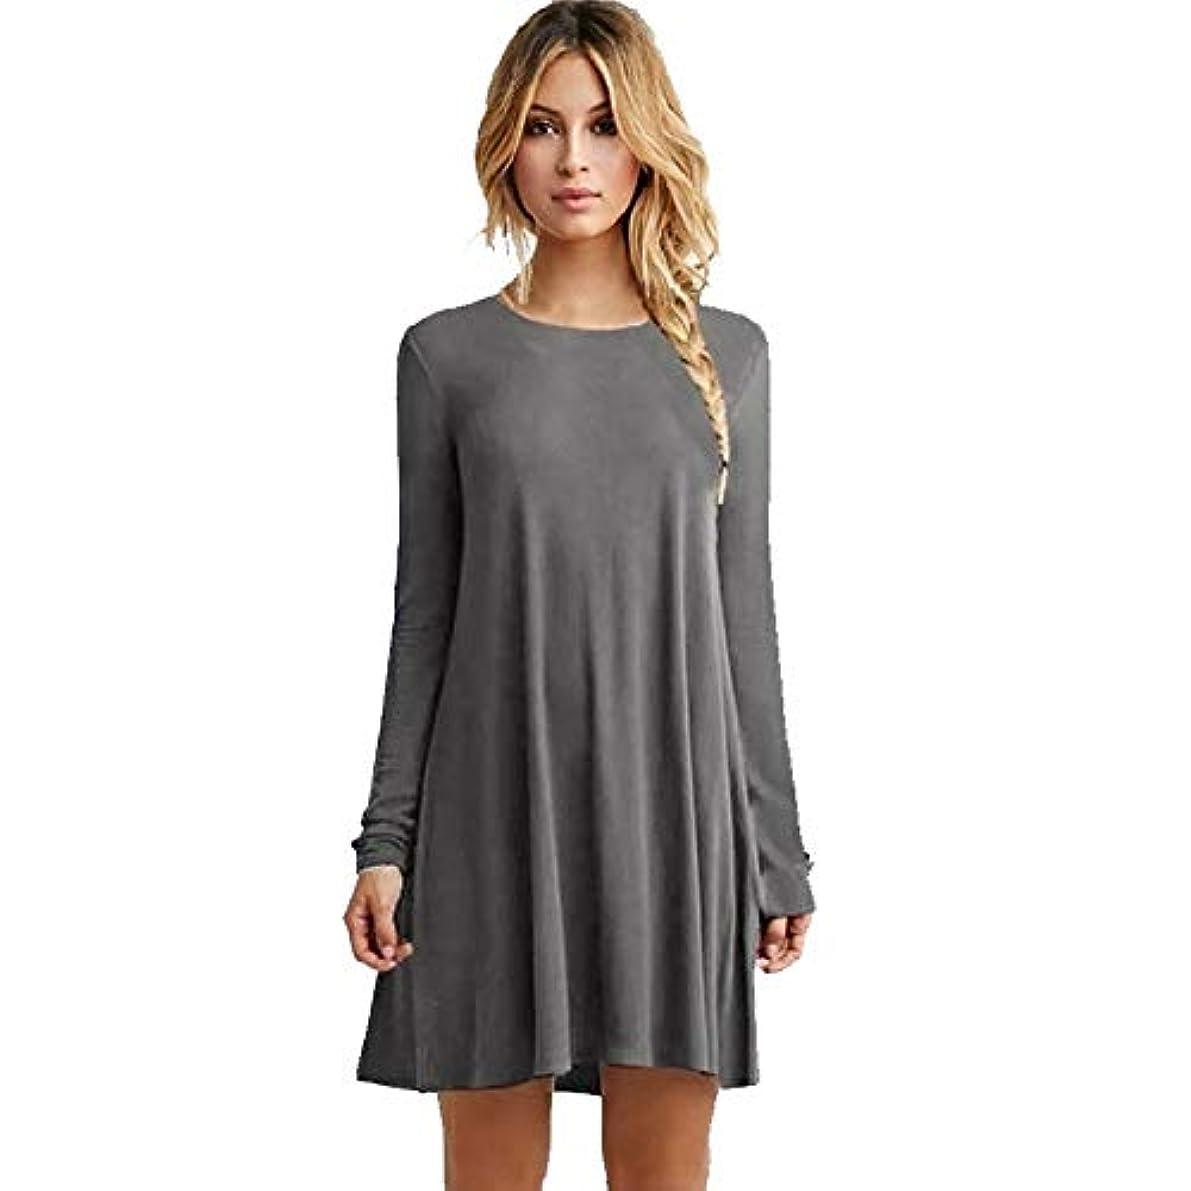 シェード合唱団歌詞MIFANルースドレス、プラスサイズのドレス、長袖のドレス、女性のドレス、秋のドレス、マキシドレス、コットンドレス